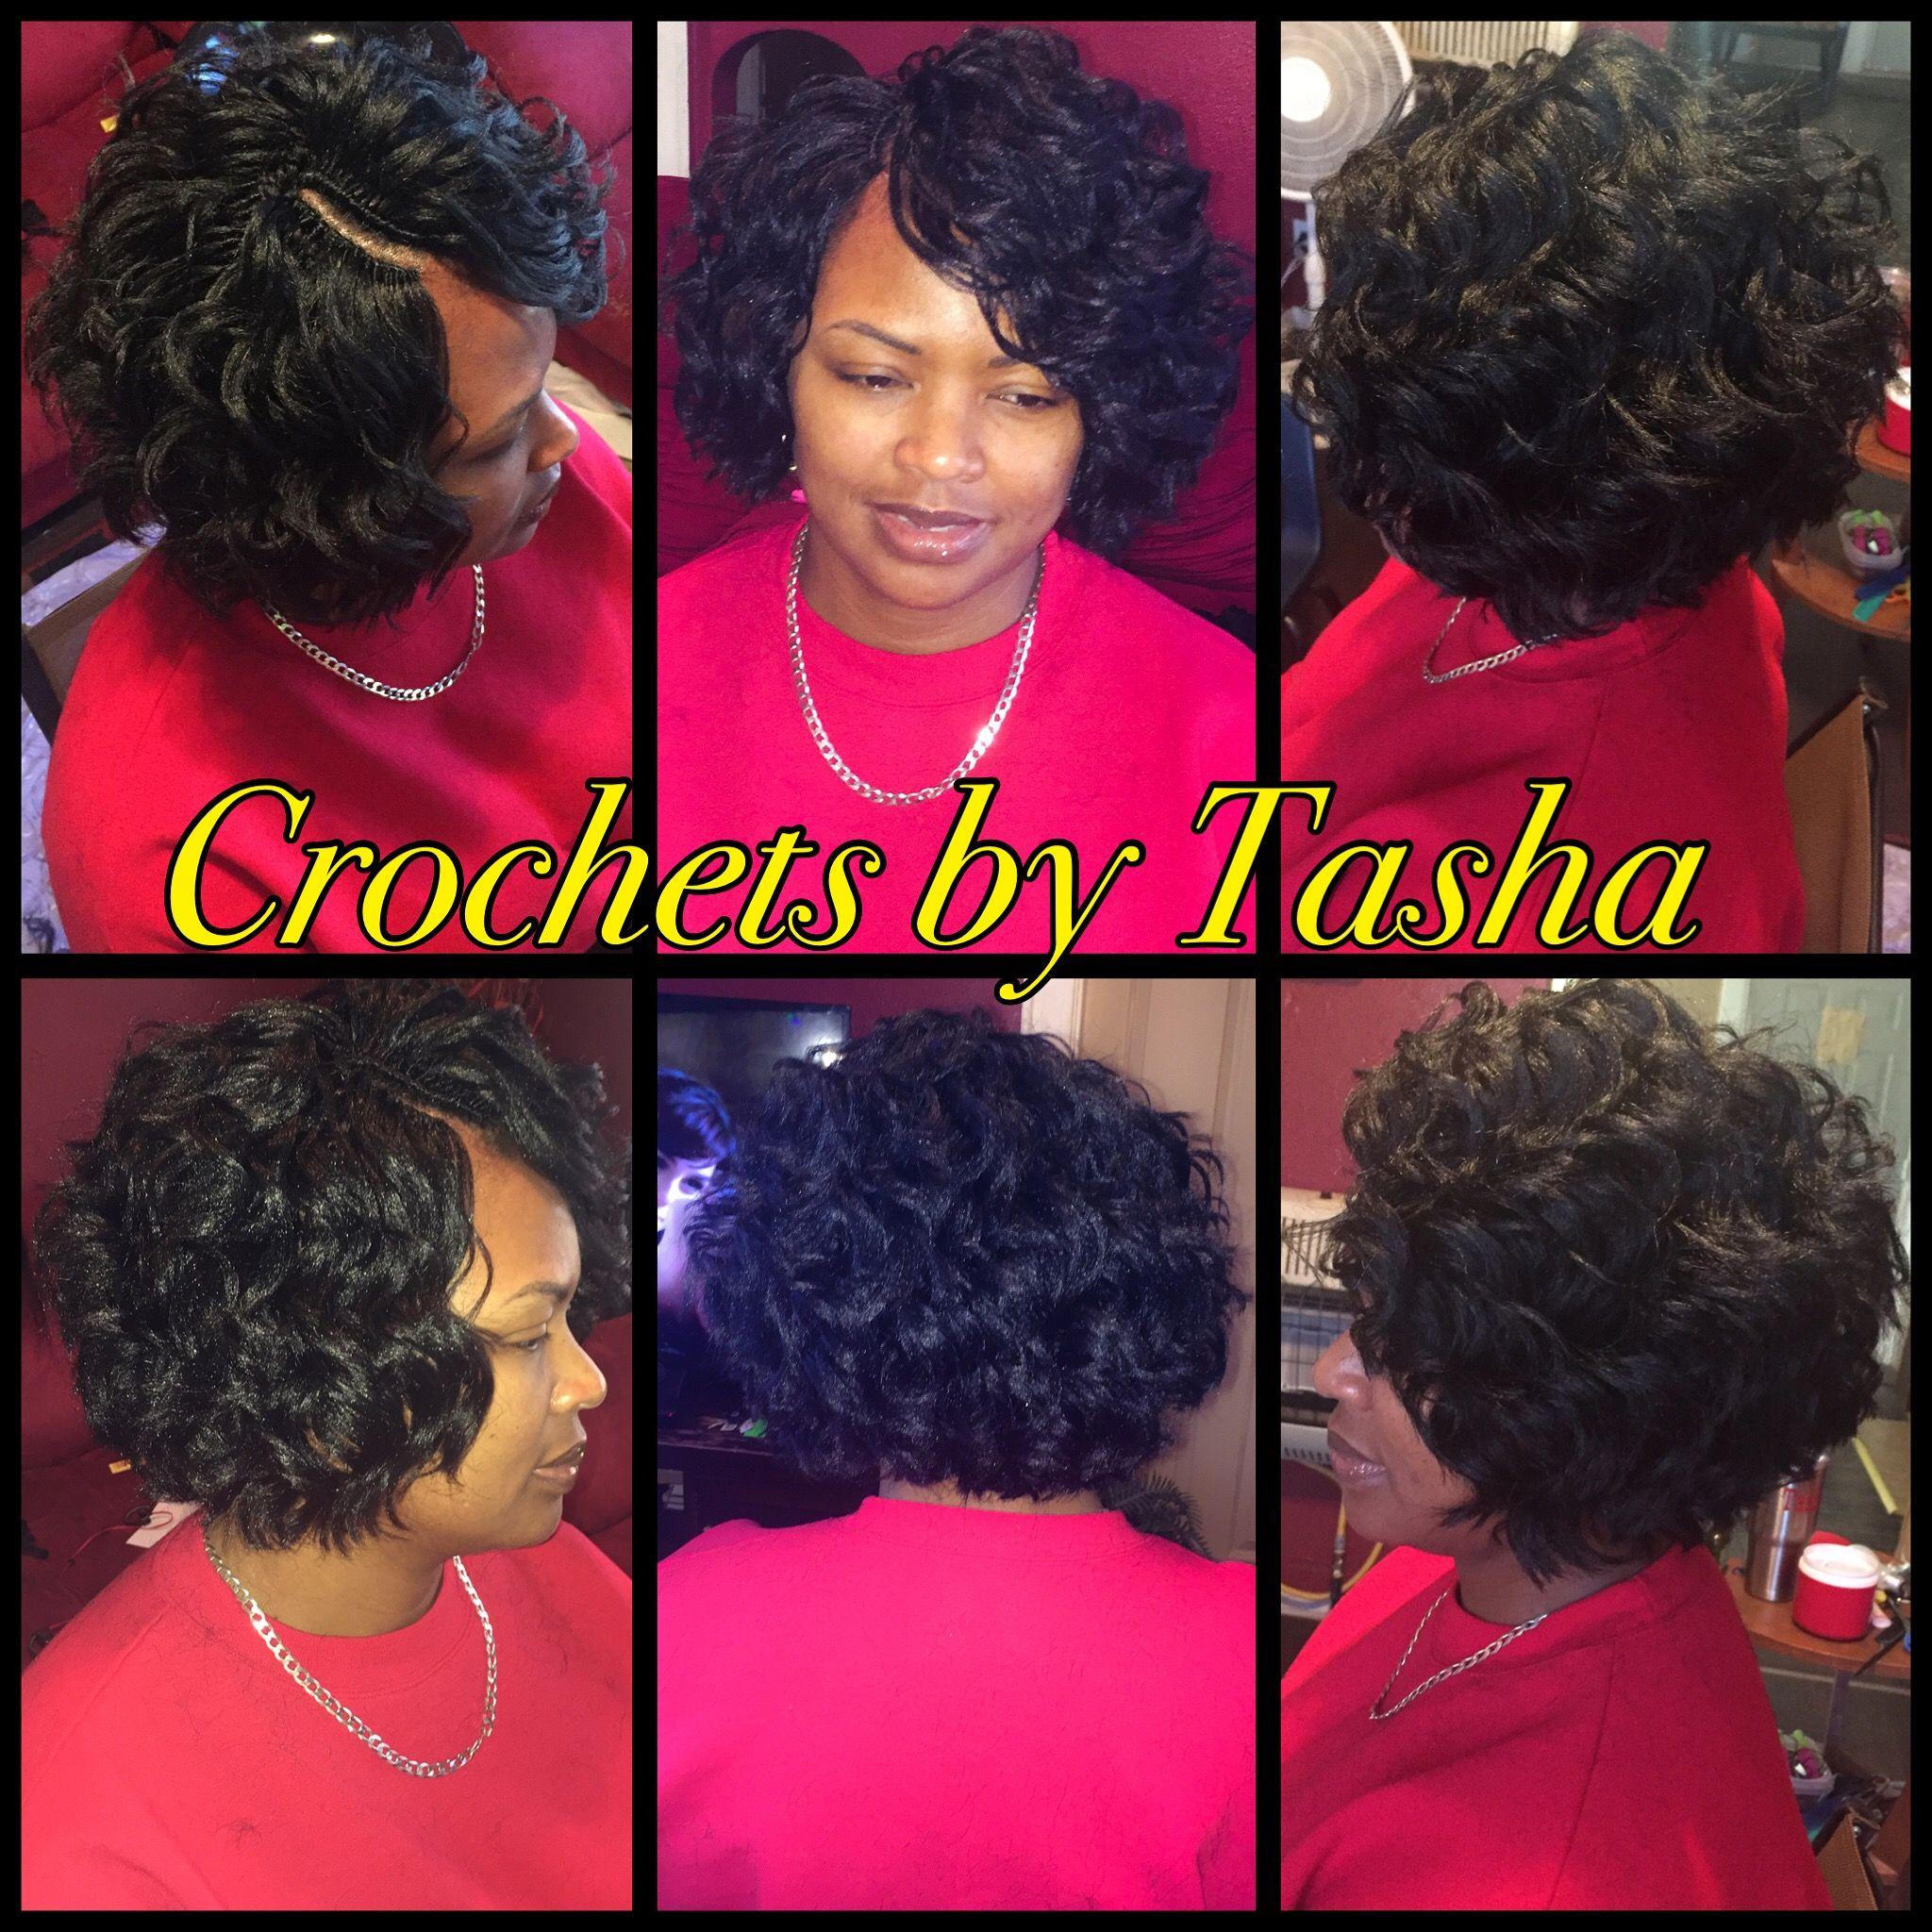 Crochet Braids Bob Hair is Ocean Wave by Kima This is so pretty